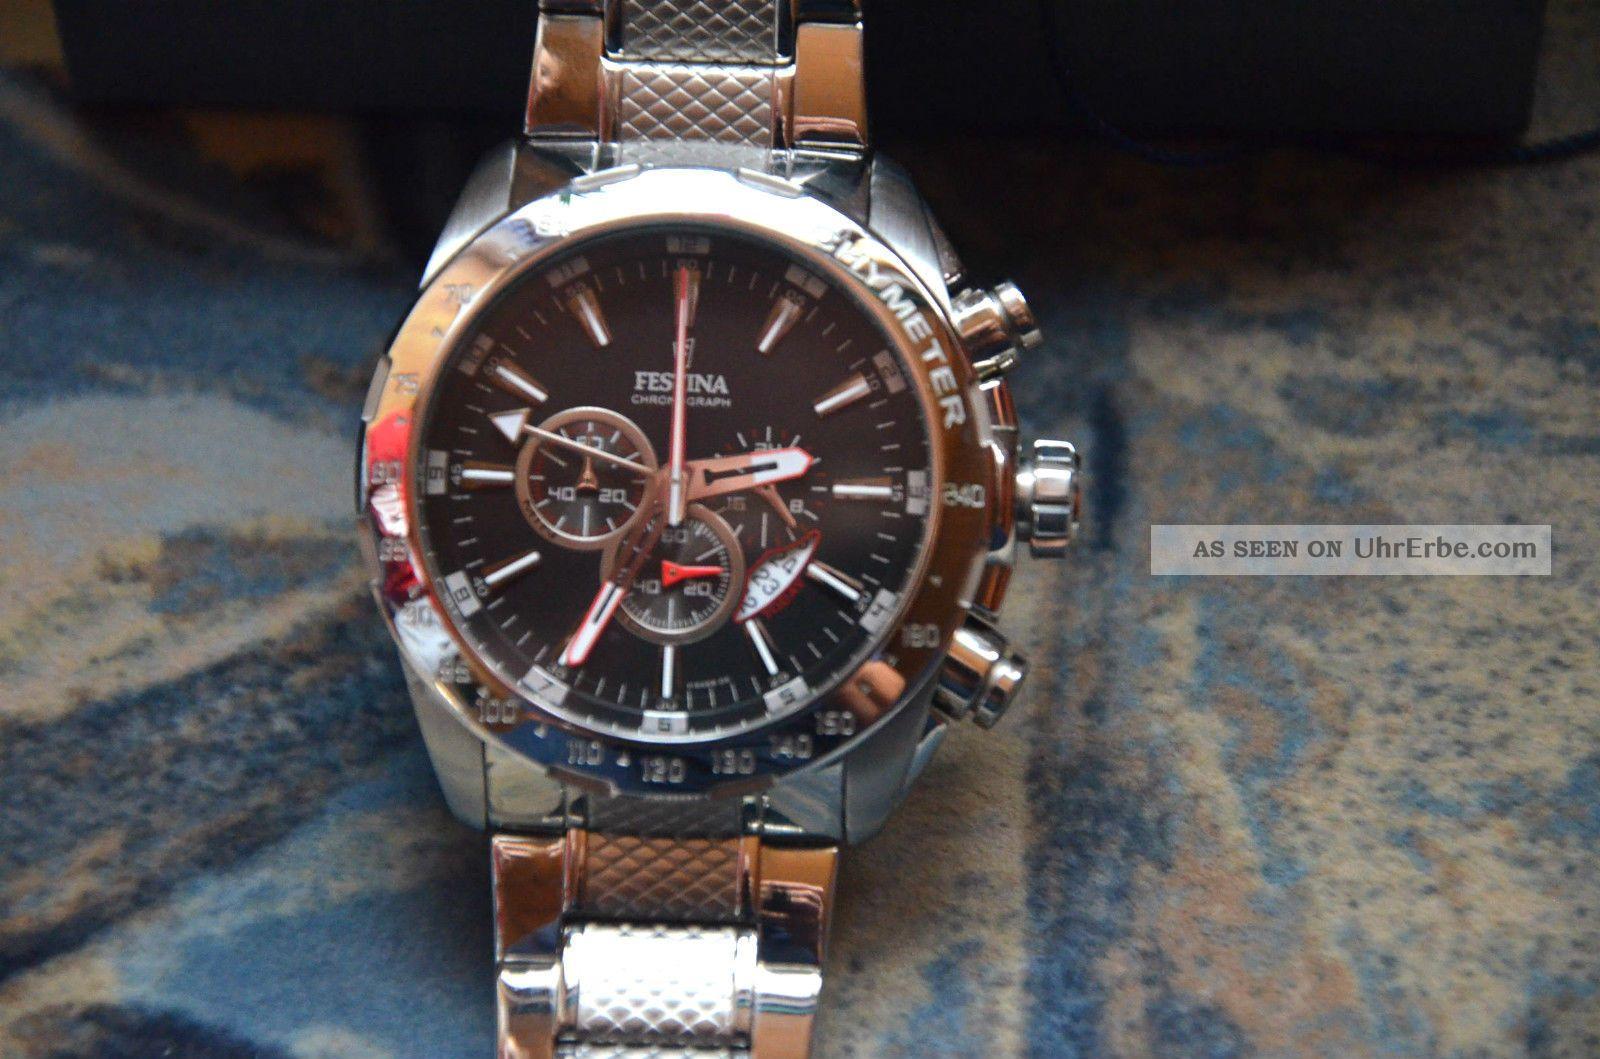 Festina Dual Time Calender Herren Sportuhr Armbanduhren Bild